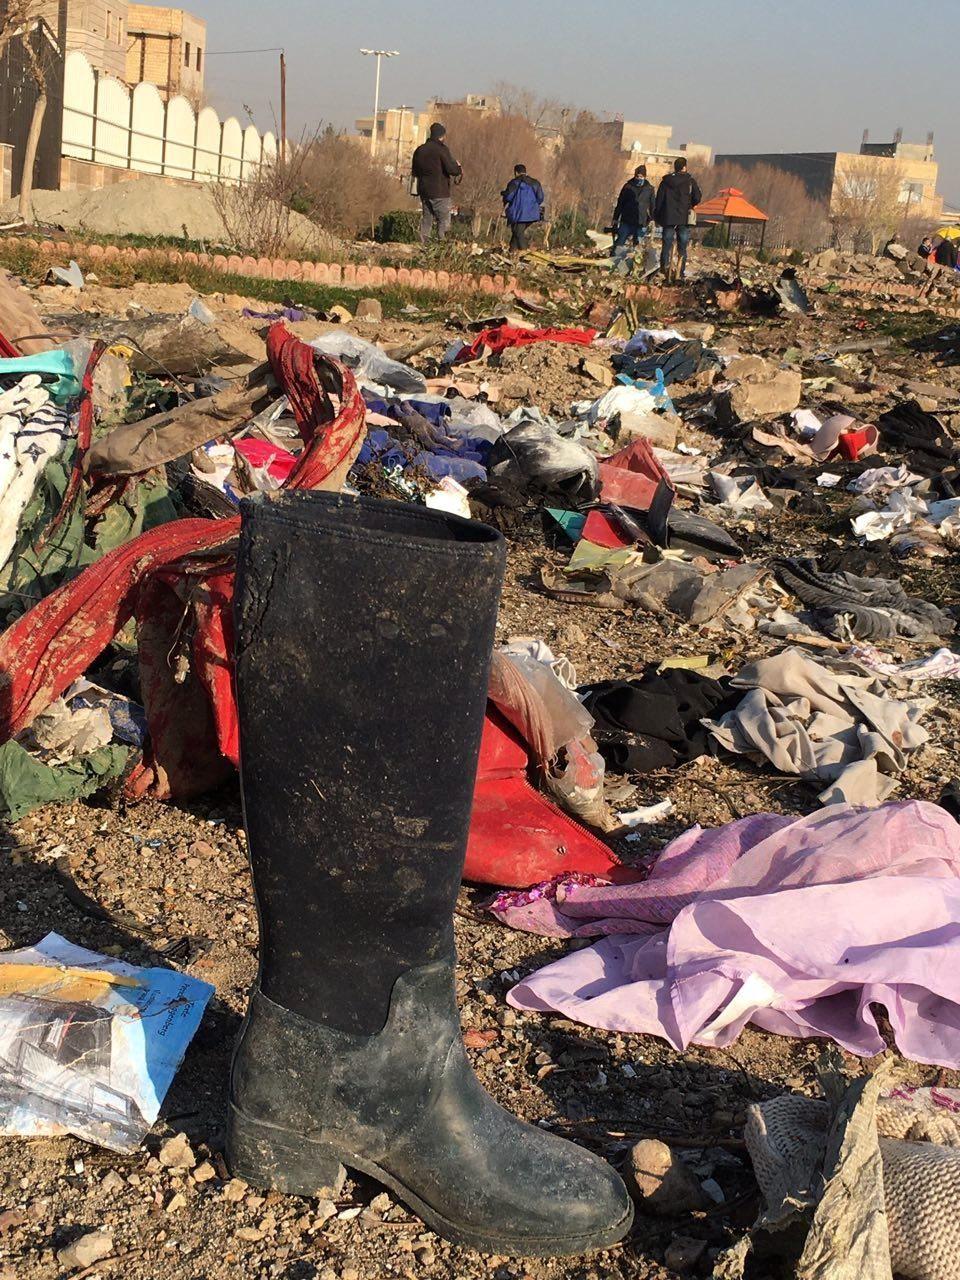 تصاویری از محل سقوط هواپیمای اوکراینی